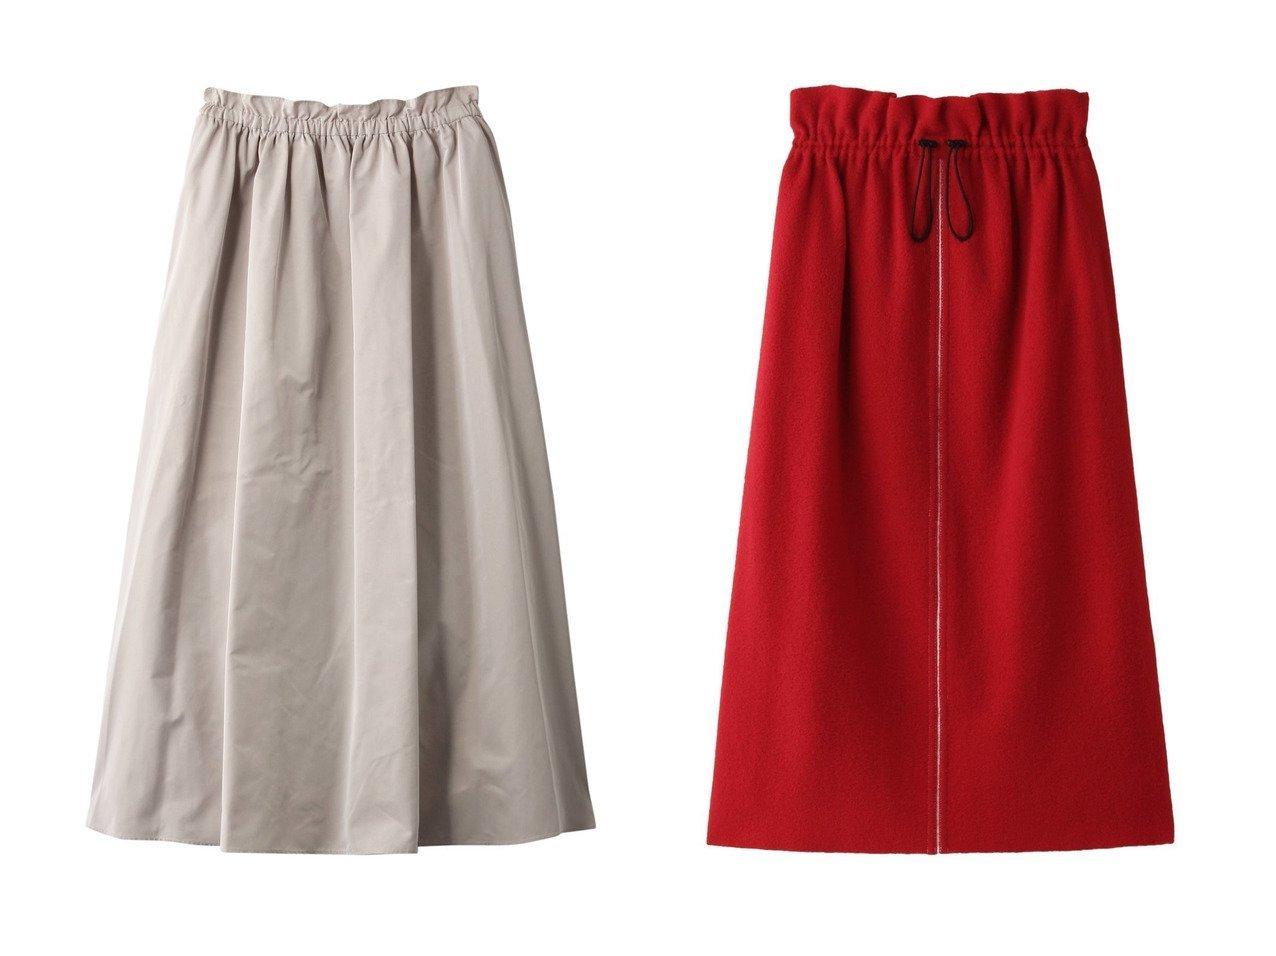 【LE PHIL/ル フィル】のハイカウントメモリーギャバフレアスカート&【PLAIN PEOPLE/プレインピープル】のウールブークレーギャザースカート スカートのおすすめ!人気、トレンド・レディースファッションの通販  おすすめで人気の流行・トレンド、ファッションの通販商品 メンズファッション・キッズファッション・インテリア・家具・レディースファッション・服の通販 founy(ファニー) https://founy.com/ ファッション Fashion レディースファッション WOMEN スカート Skirt Aライン/フレアスカート Flared A-Line Skirts ロングスカート Long Skirt セットアップ フェミニン フレア ロング ギャザー スマート バランス 定番 |ID:crp329100000009770